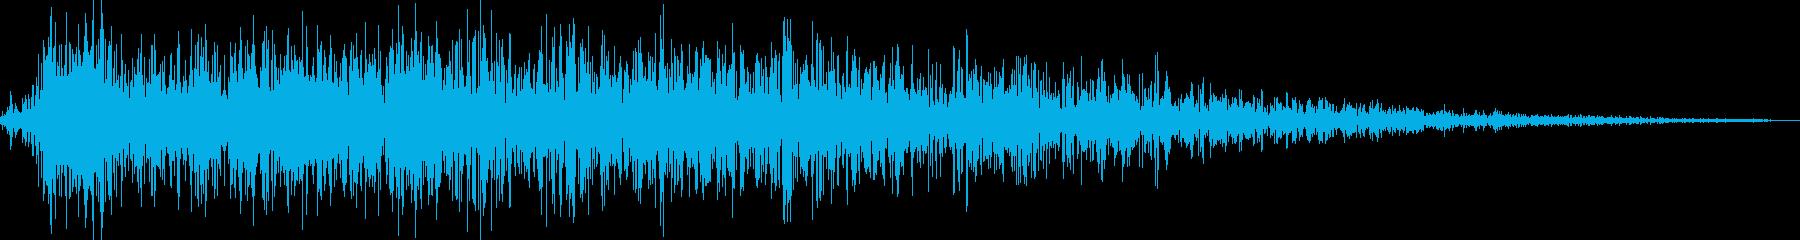 ロボット足音 タイプ15の再生済みの波形